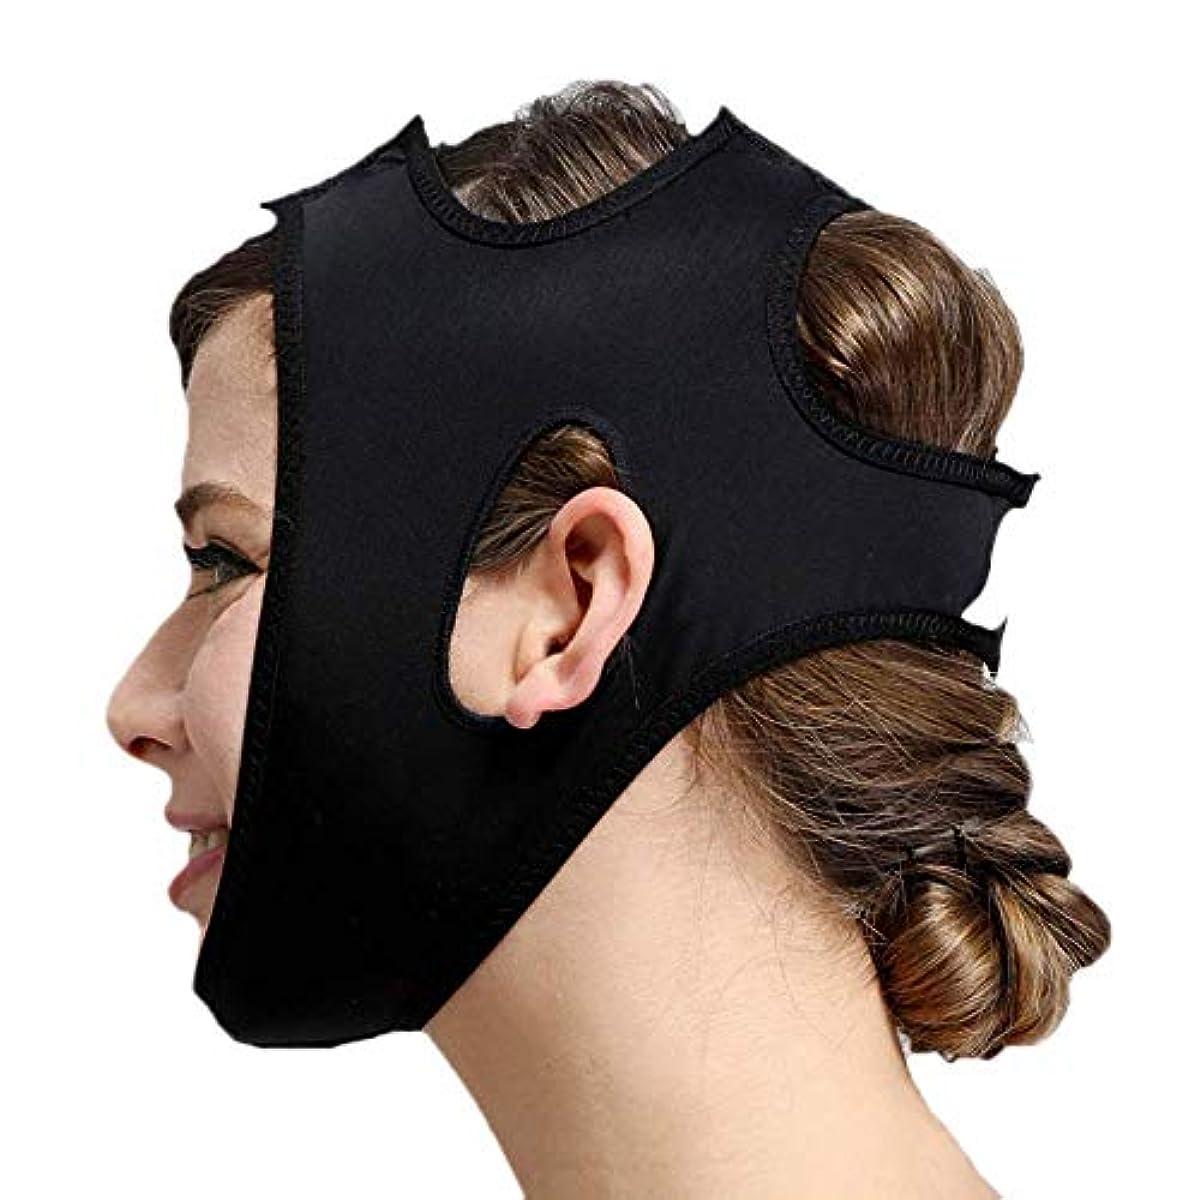 表面カレッジ根絶するフェイススリミングマスク、快適さと通気性、フェイシャルリフティング、輪郭の改善された硬さ、ファーミングとリフティングフェイス(カラー:ブラック、サイズ:XL),黒、XXL